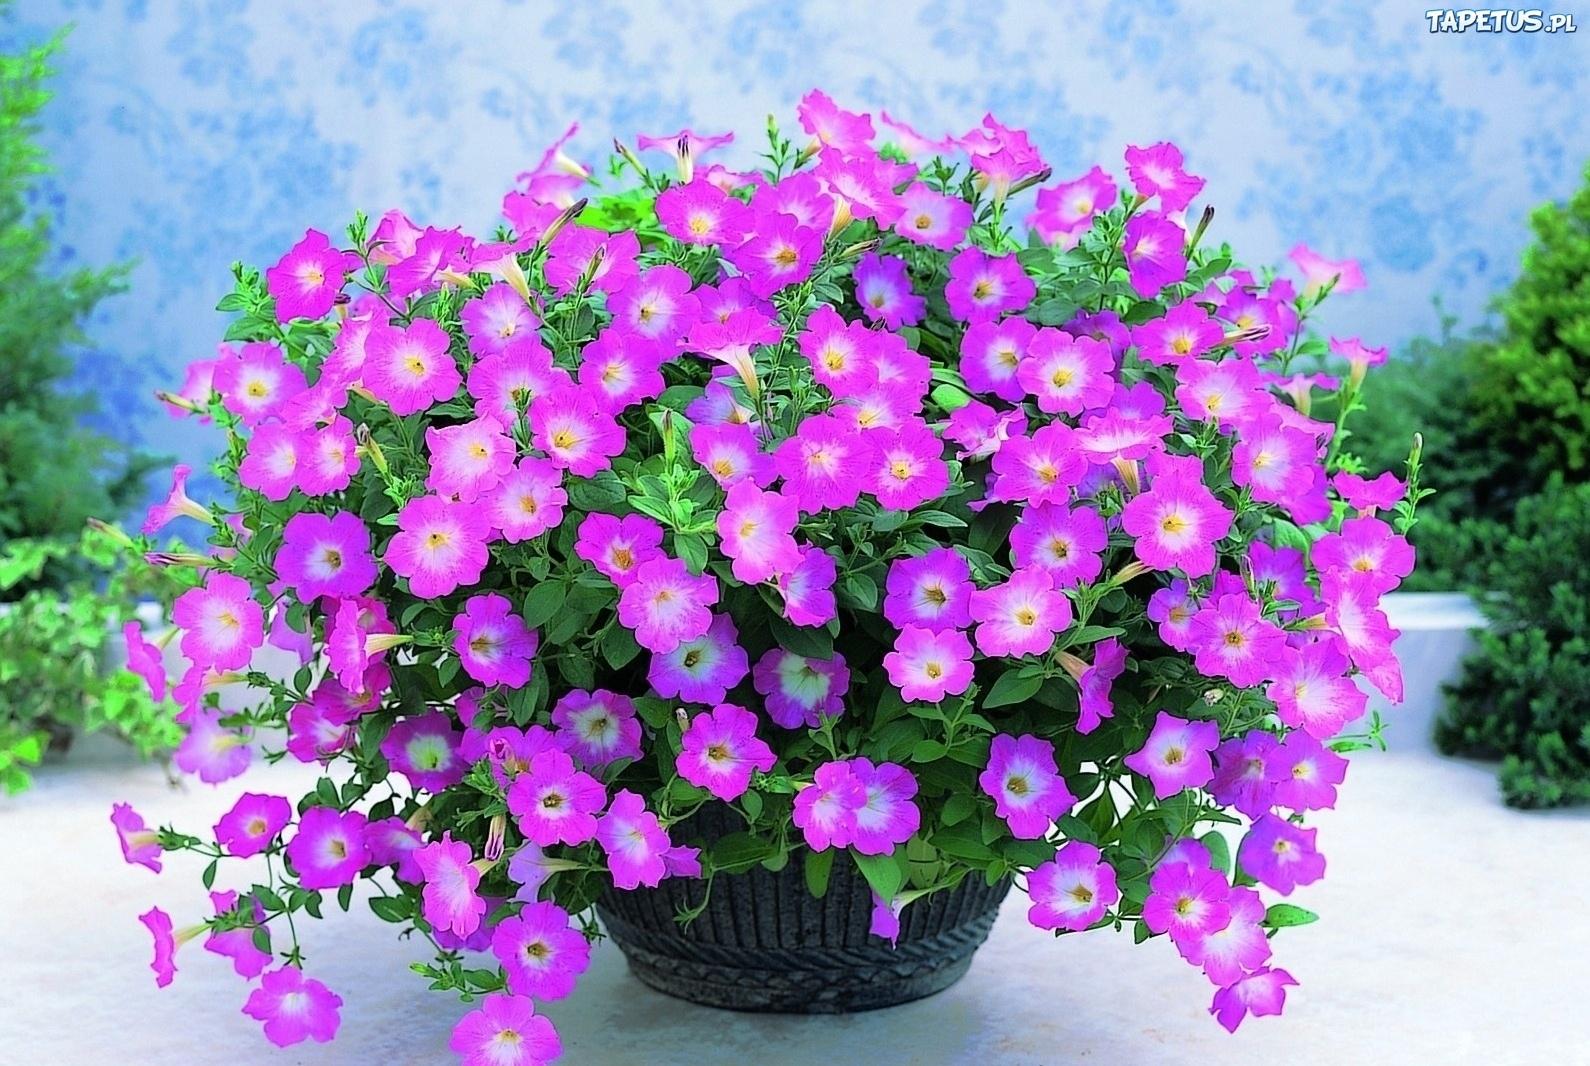 http://www.tapetus.pl/obrazki/n/168005_kwiaty-werbena-ogrodowa-doniczka.jpg